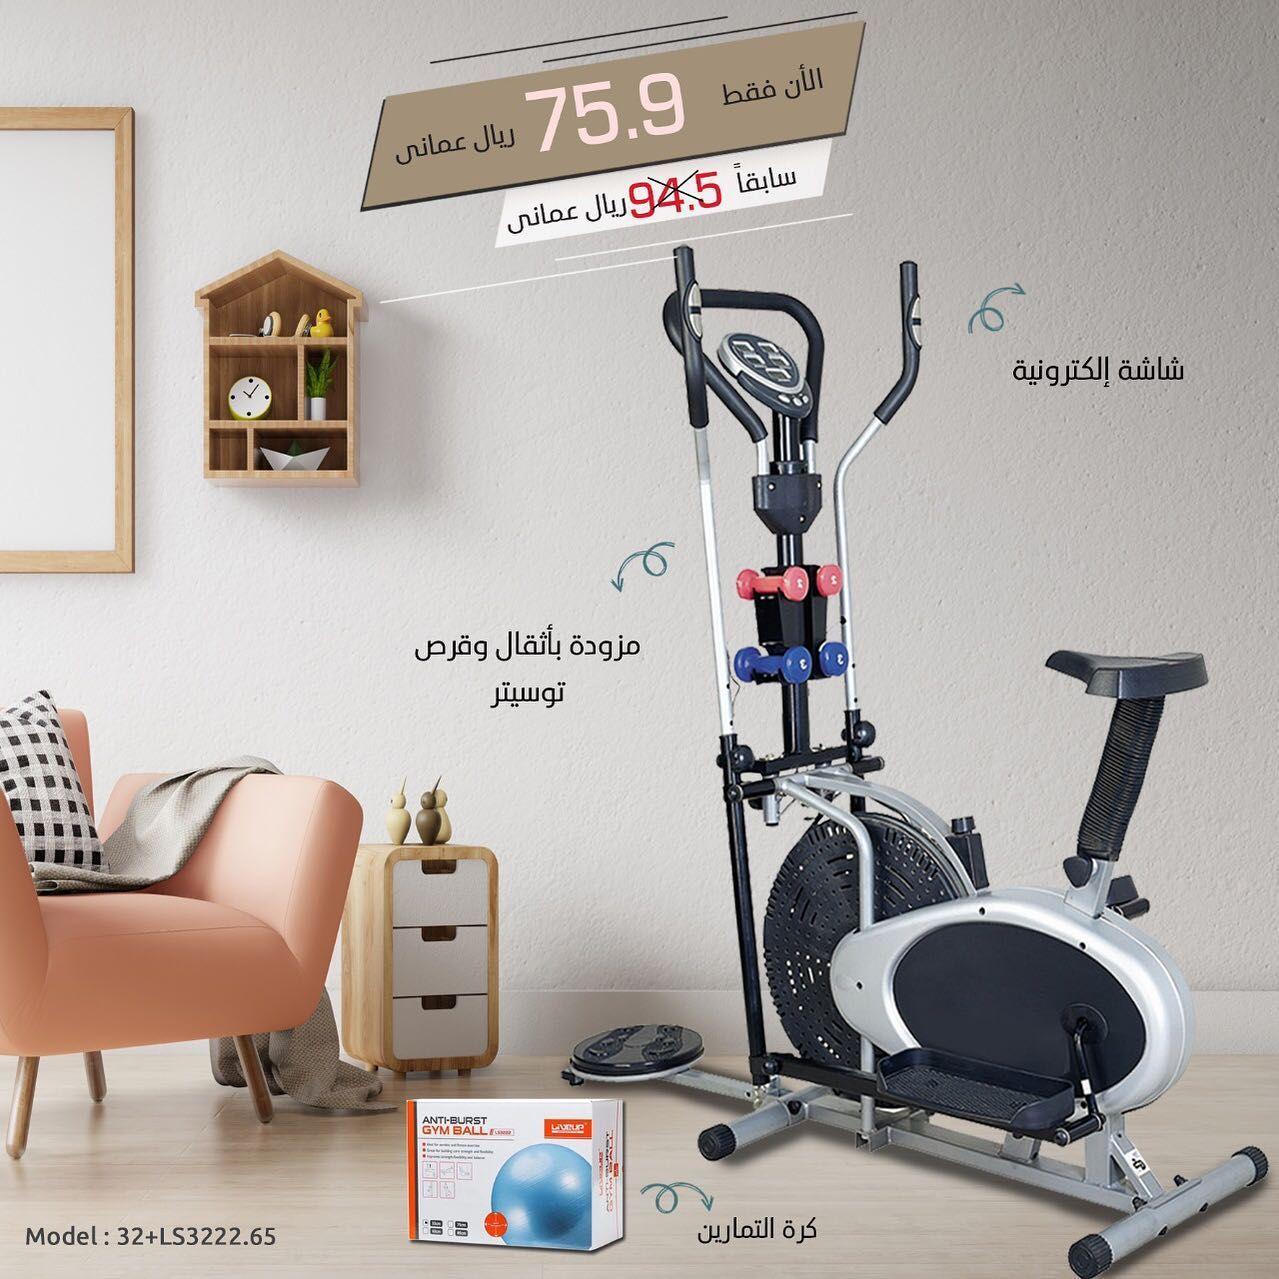 كارديو تويستر جهاز تمارين رياضية لجميع أجزاء الجسم قابل للدوران مع بدالات للقدمين السعر 95 دينار يوفر الجهاز التمارين الرياضية للذراعي Gym Machines Cardio Gym